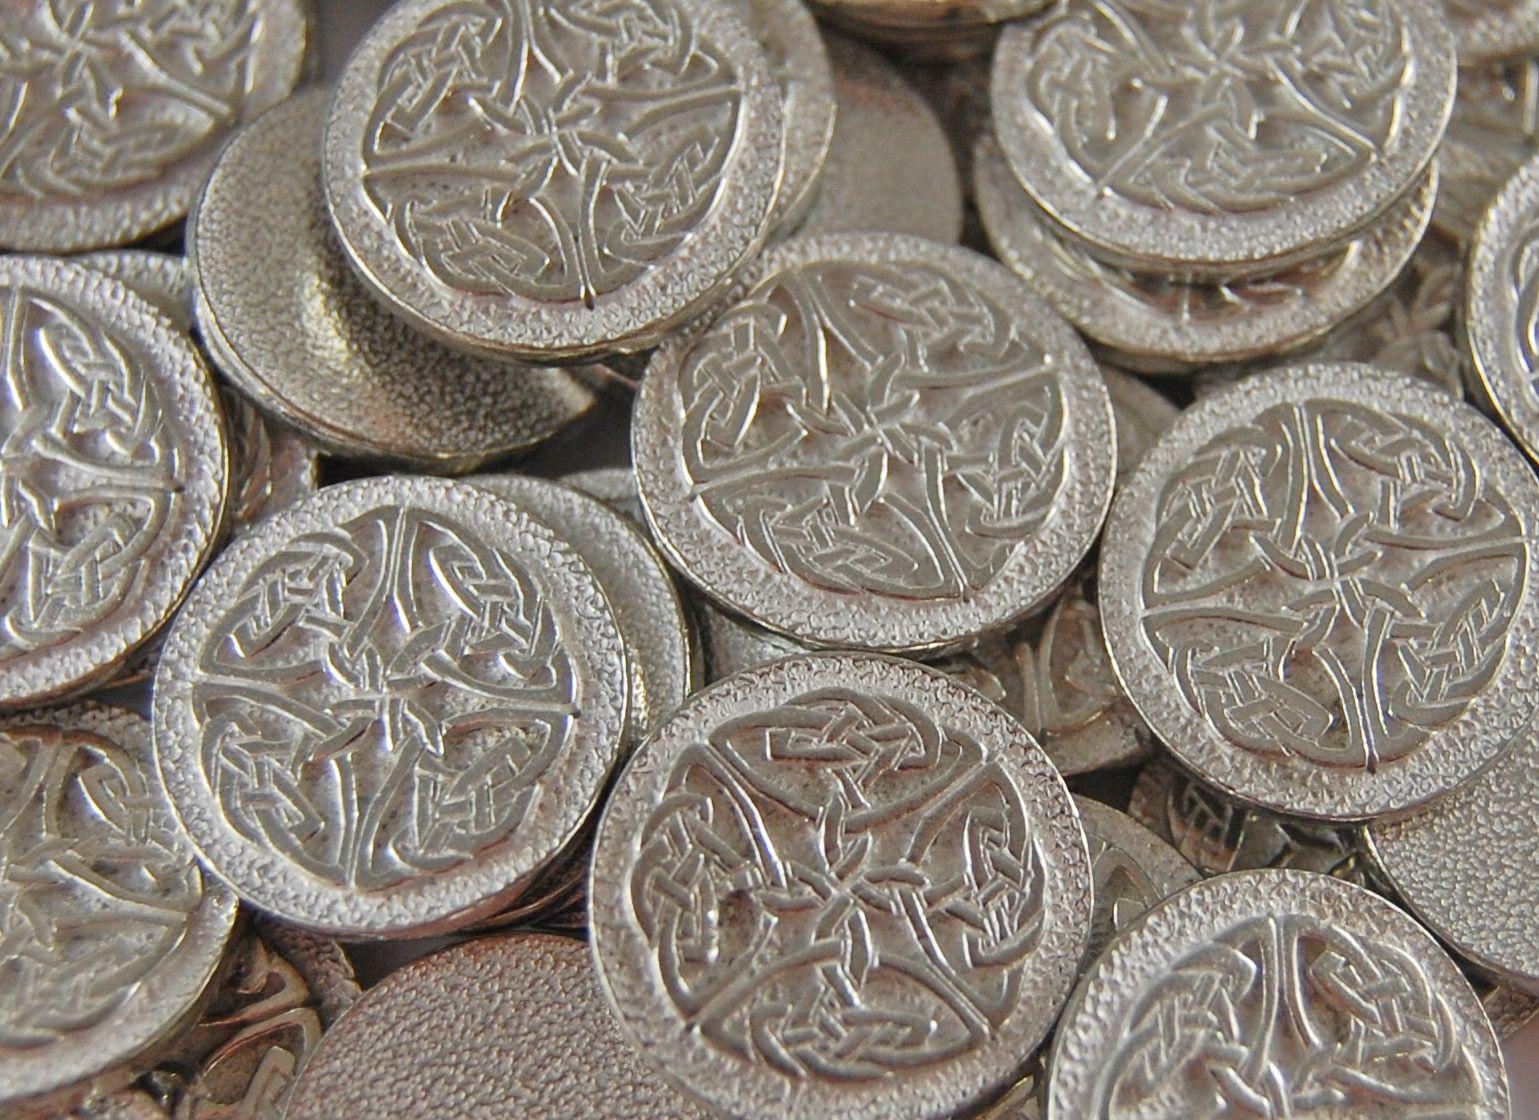 St patricks day gift for her celtic knot art green celtic star